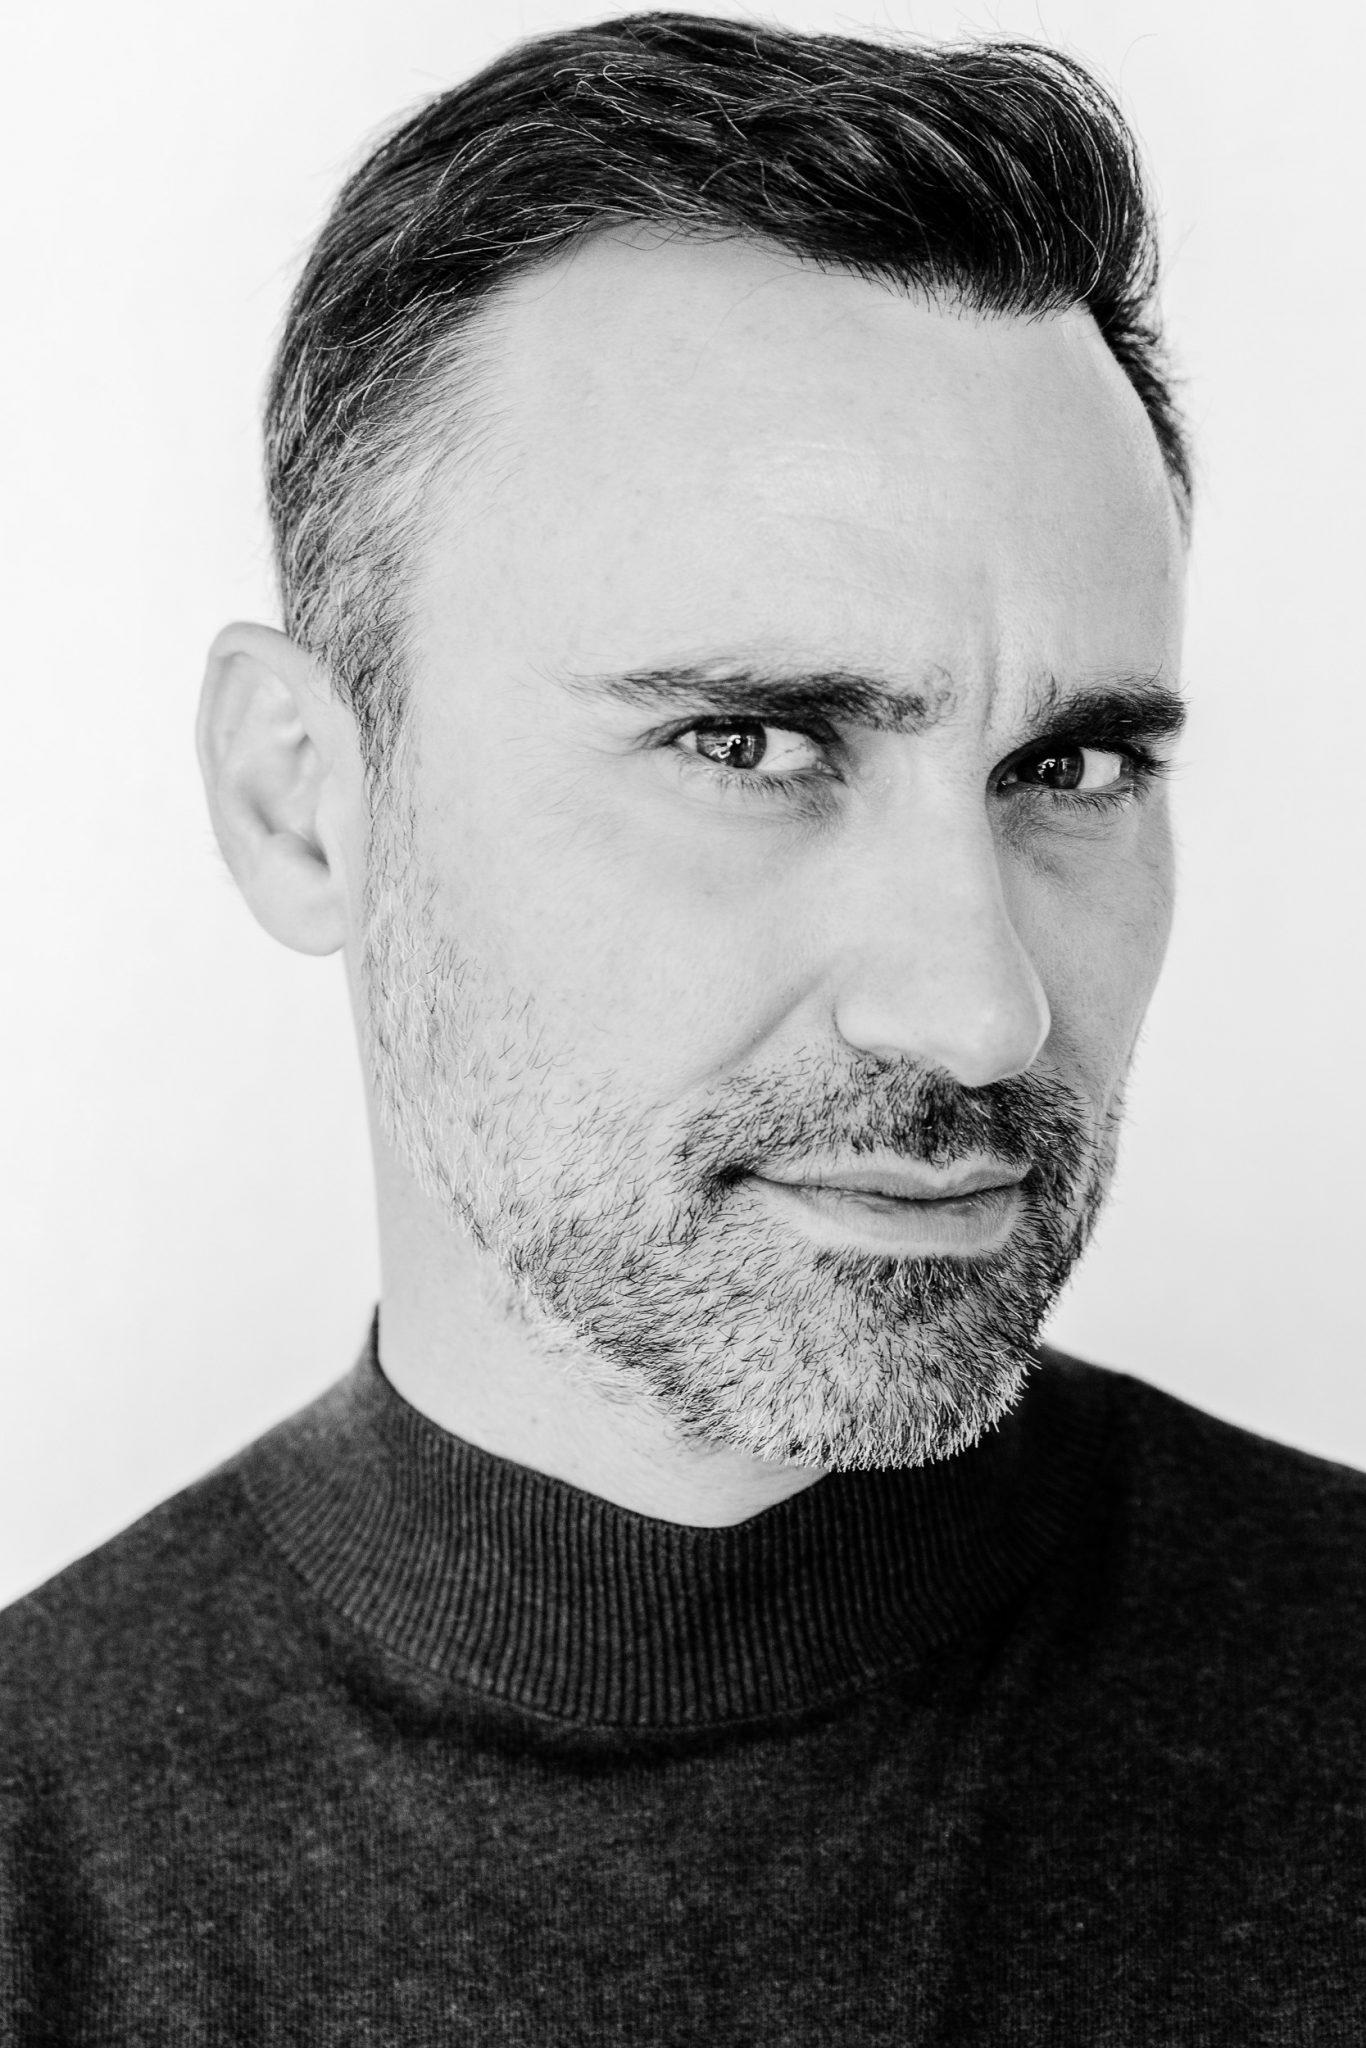 Γιώργος Καπουτζίδης: «Δεν είναι ντροπή να είσαι γκέι. Ντροπή είναι να είσαι κουτσομπόλης και αχαΐρευτος»